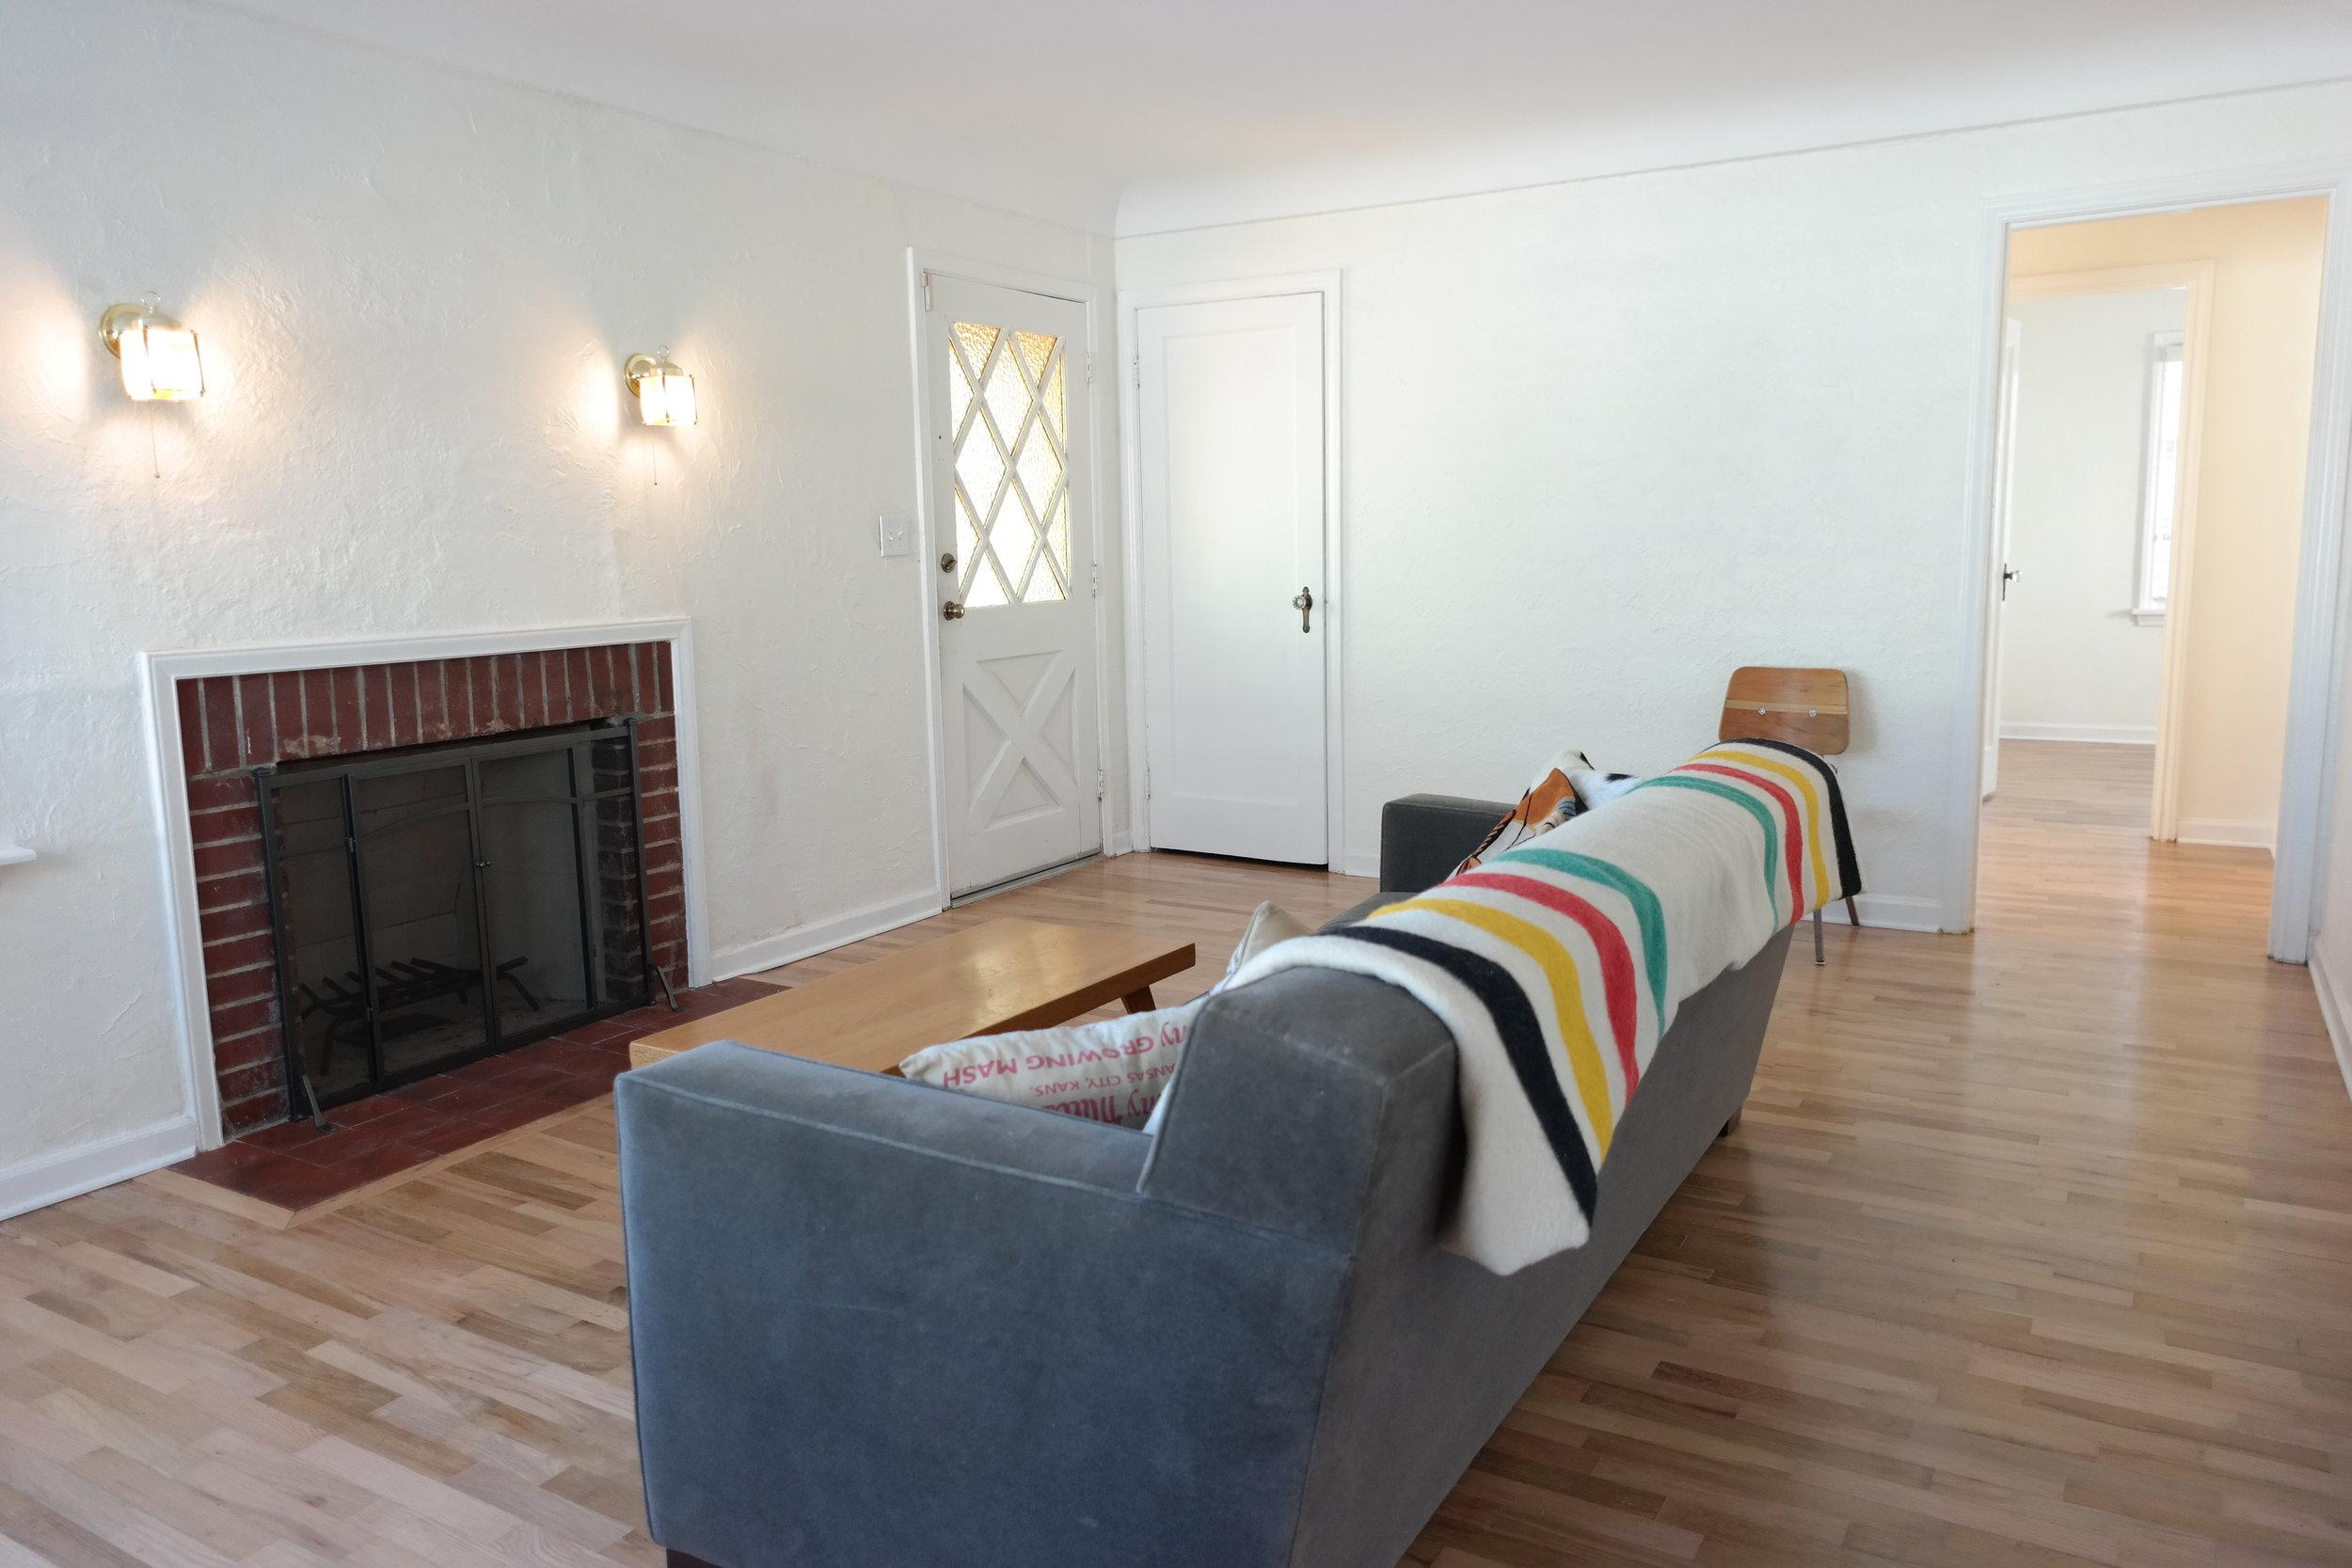 05-Livingroom09.JPG